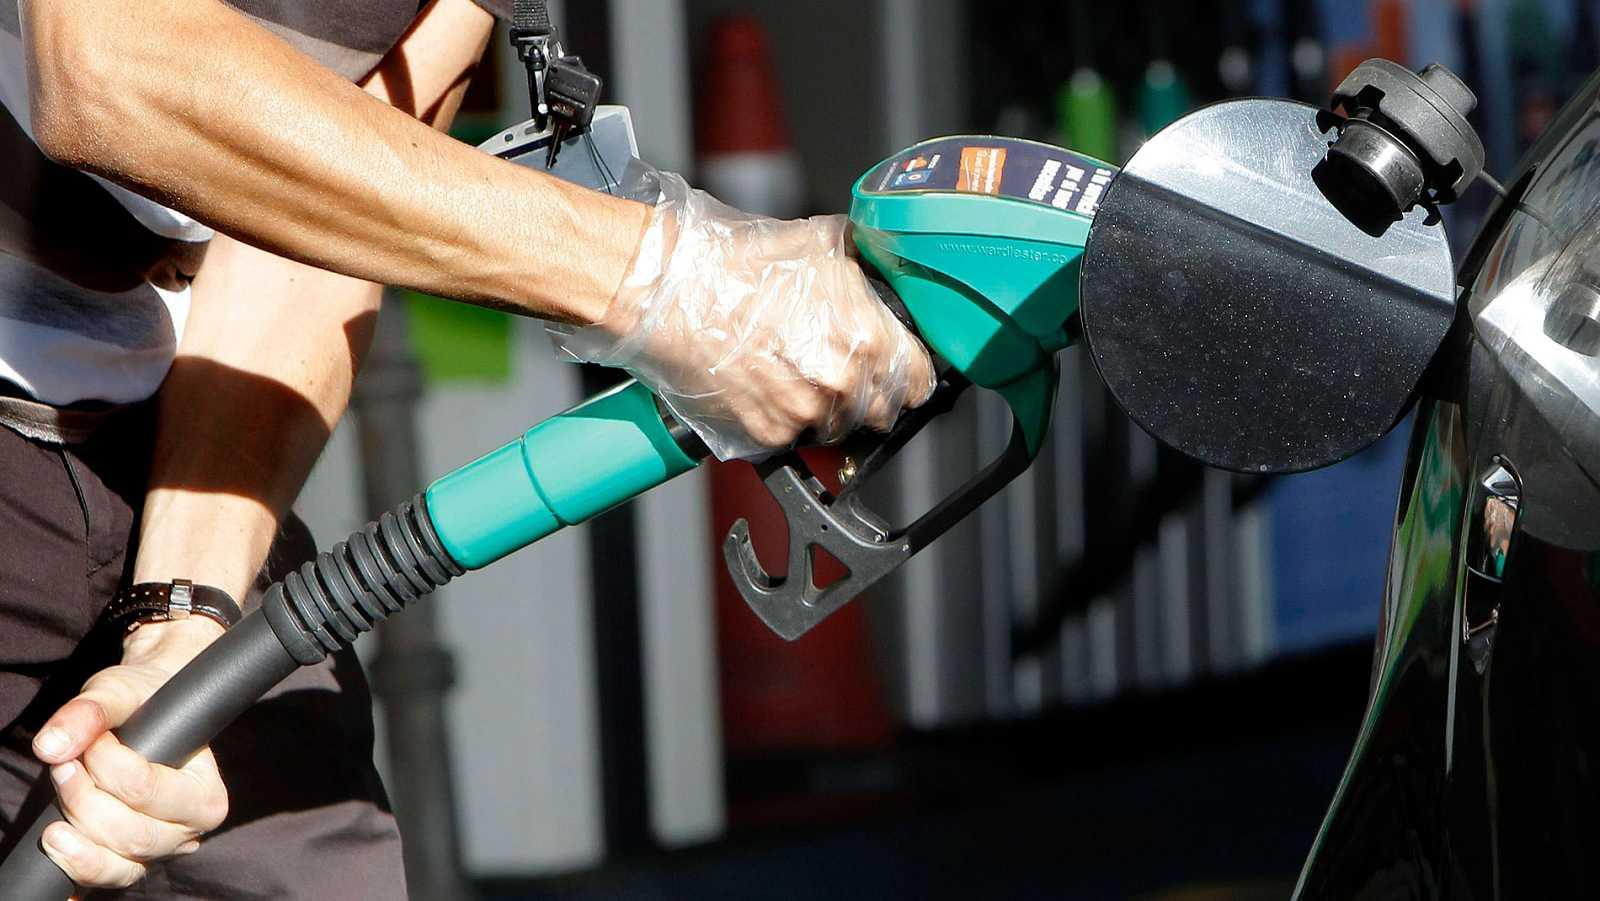 Los precios de los combustibles suben en enero, mientras bajan costes como el del gas natural